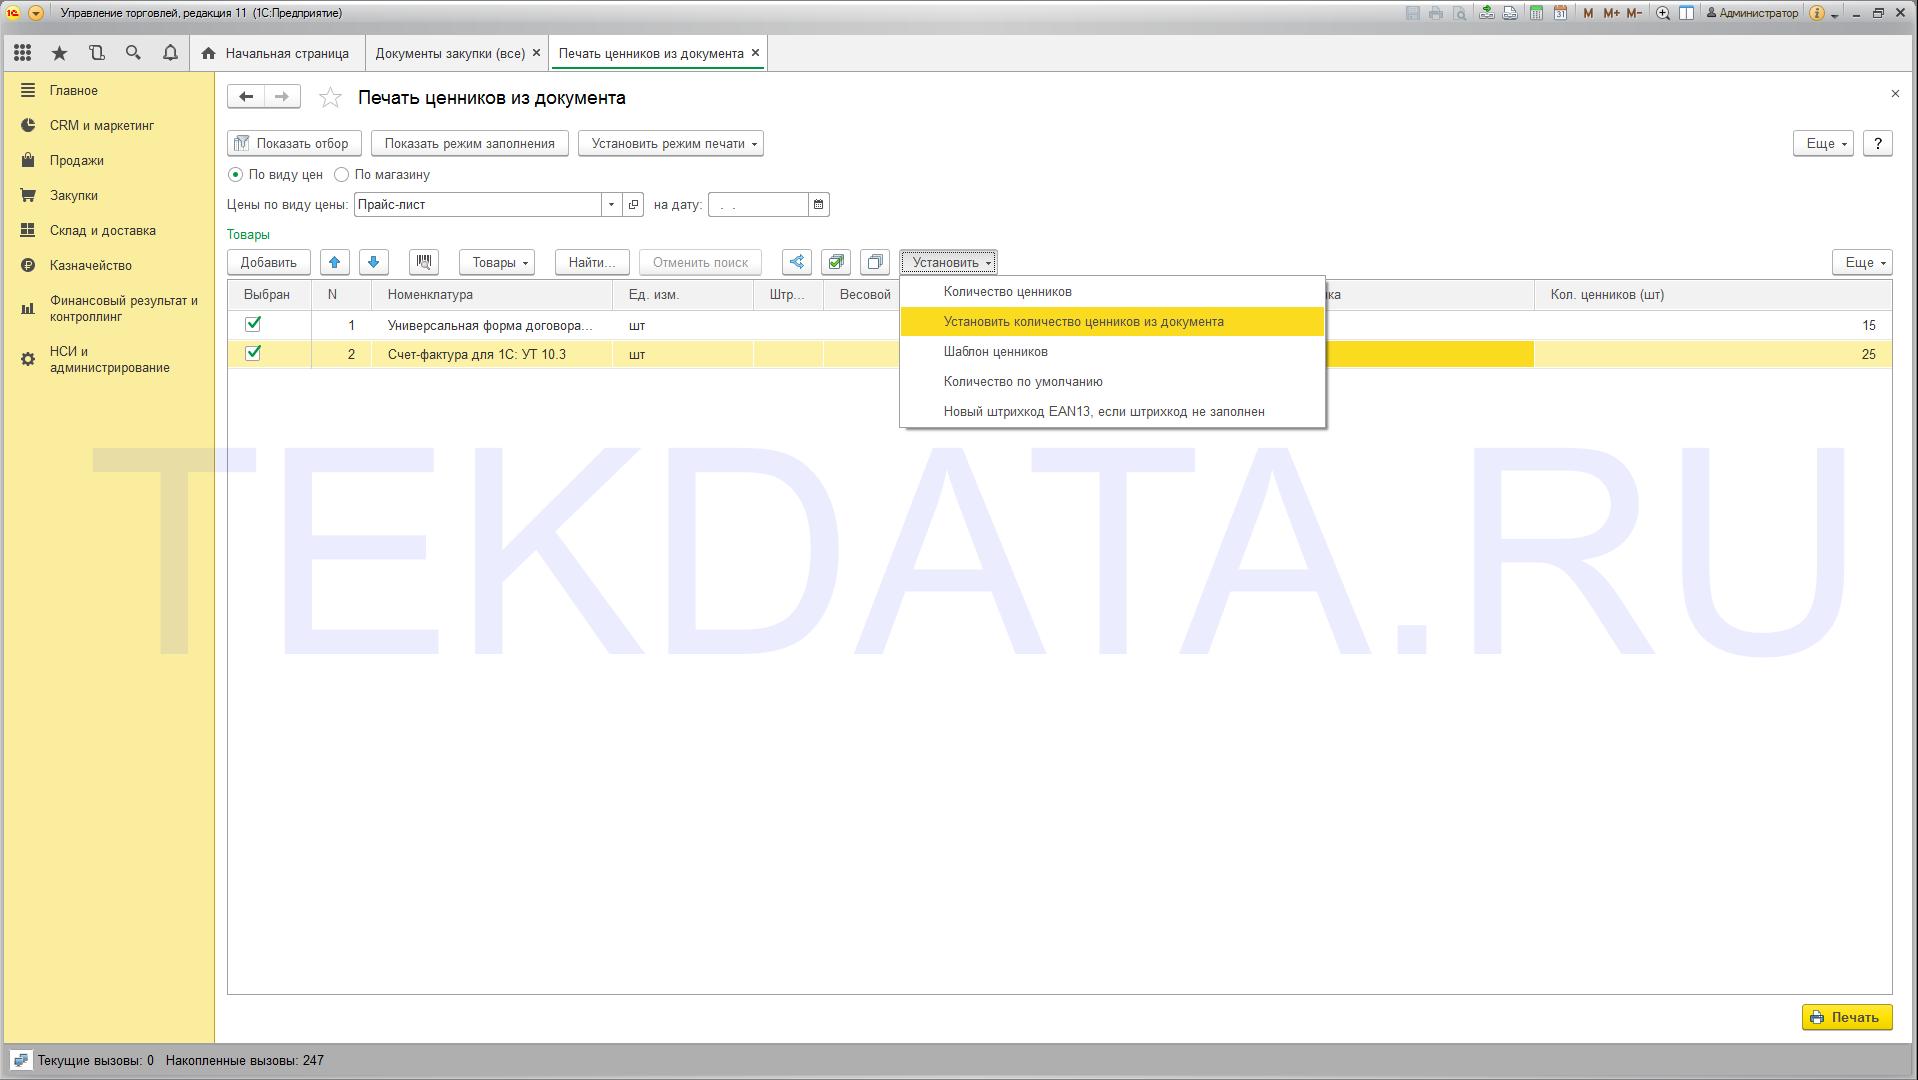 Расширение «Установка количества ценников по количеству из документа» для 1С: УТ 11.3 при печати ценников